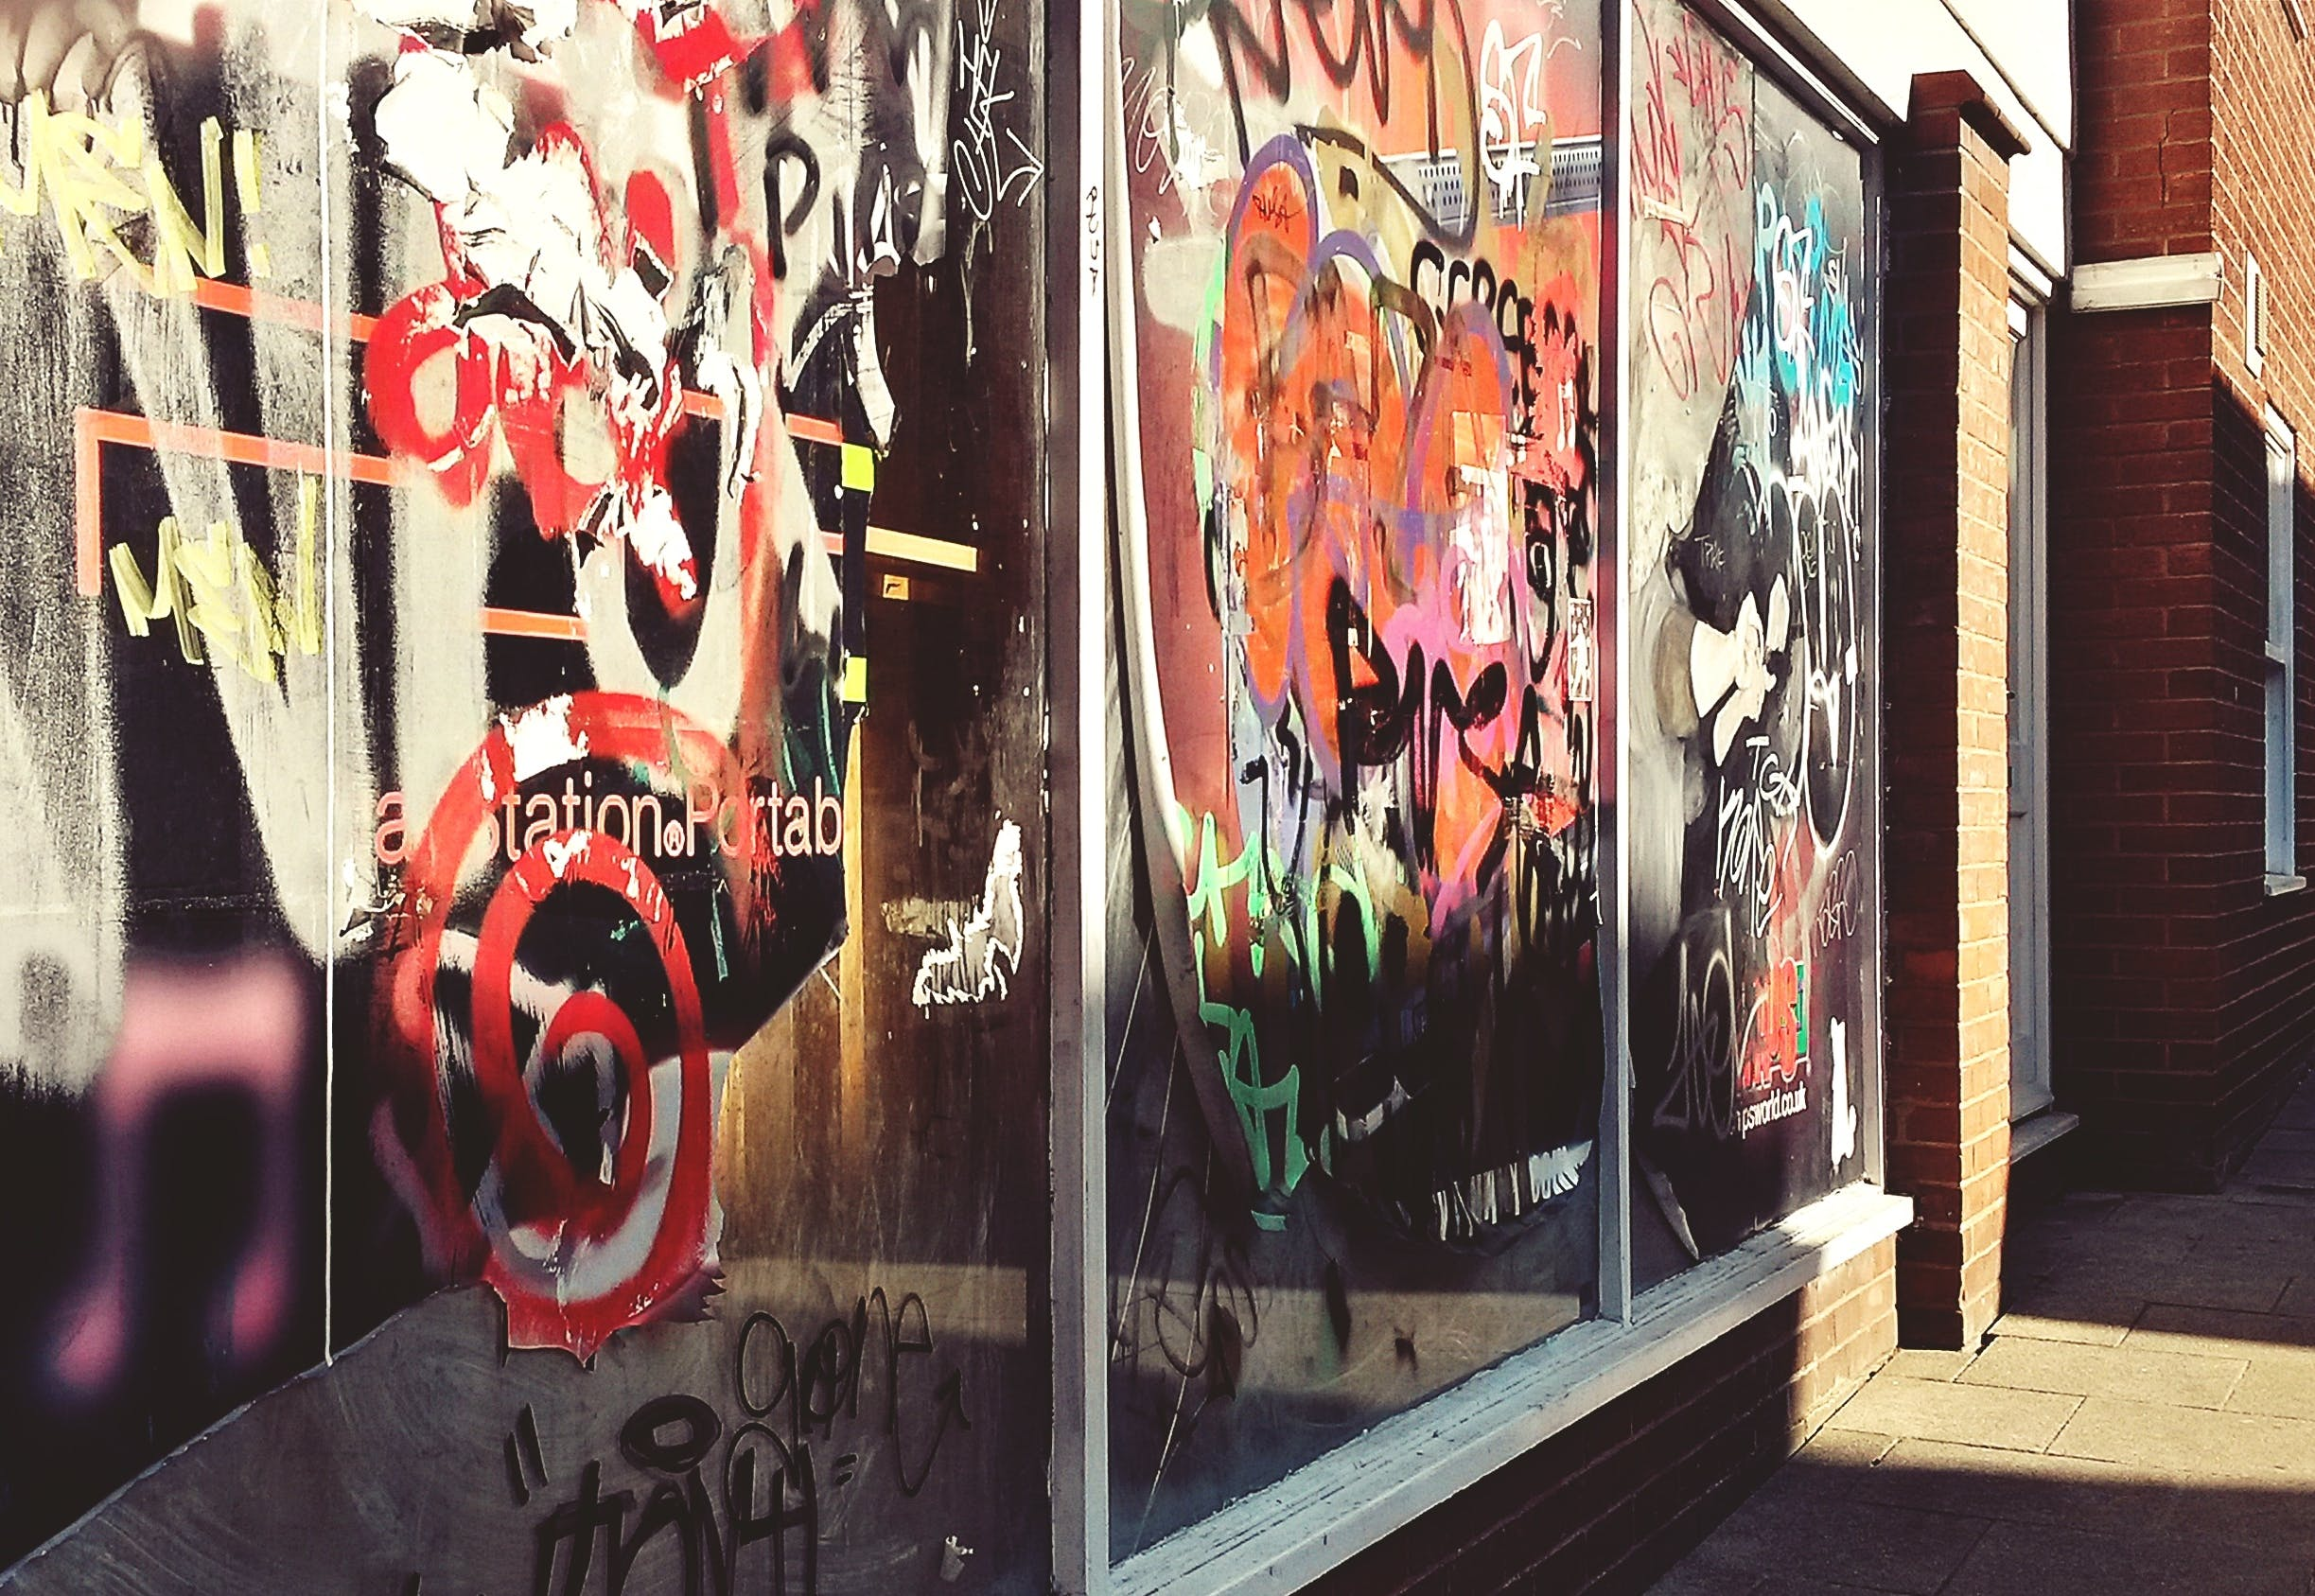 그래피티, 빈, 예술, 창문의 무료 스톡 사진